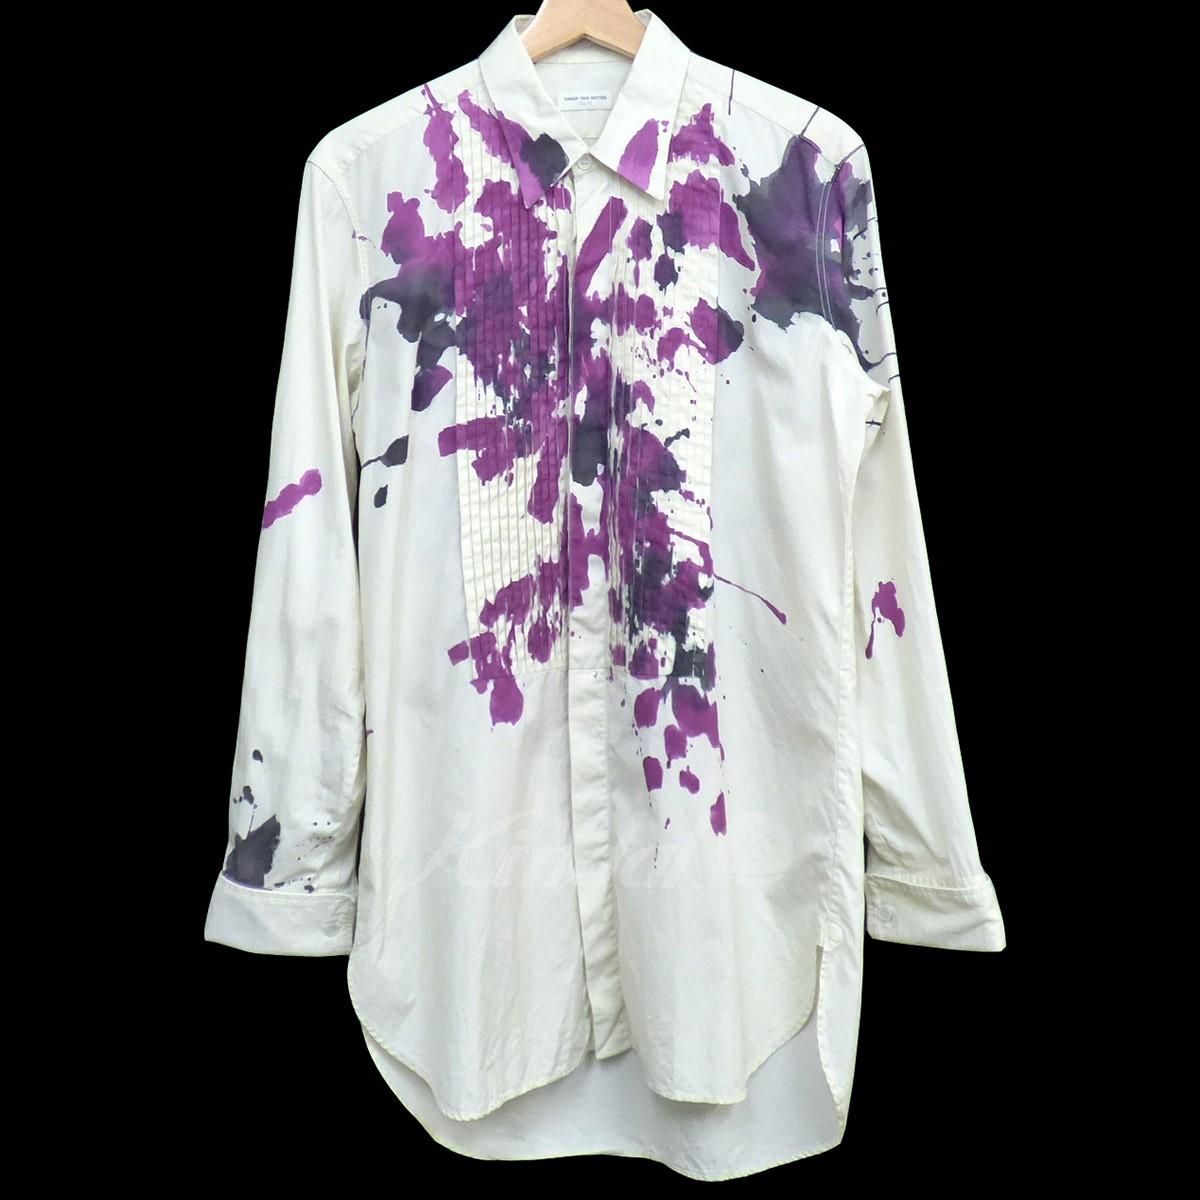 【中古】DRIES VAN NOTEN 11SS ペイントドレスシャツ オフホワイト サイズ:46 【送料無料】 【020518】(ドリスヴァンノッテン)